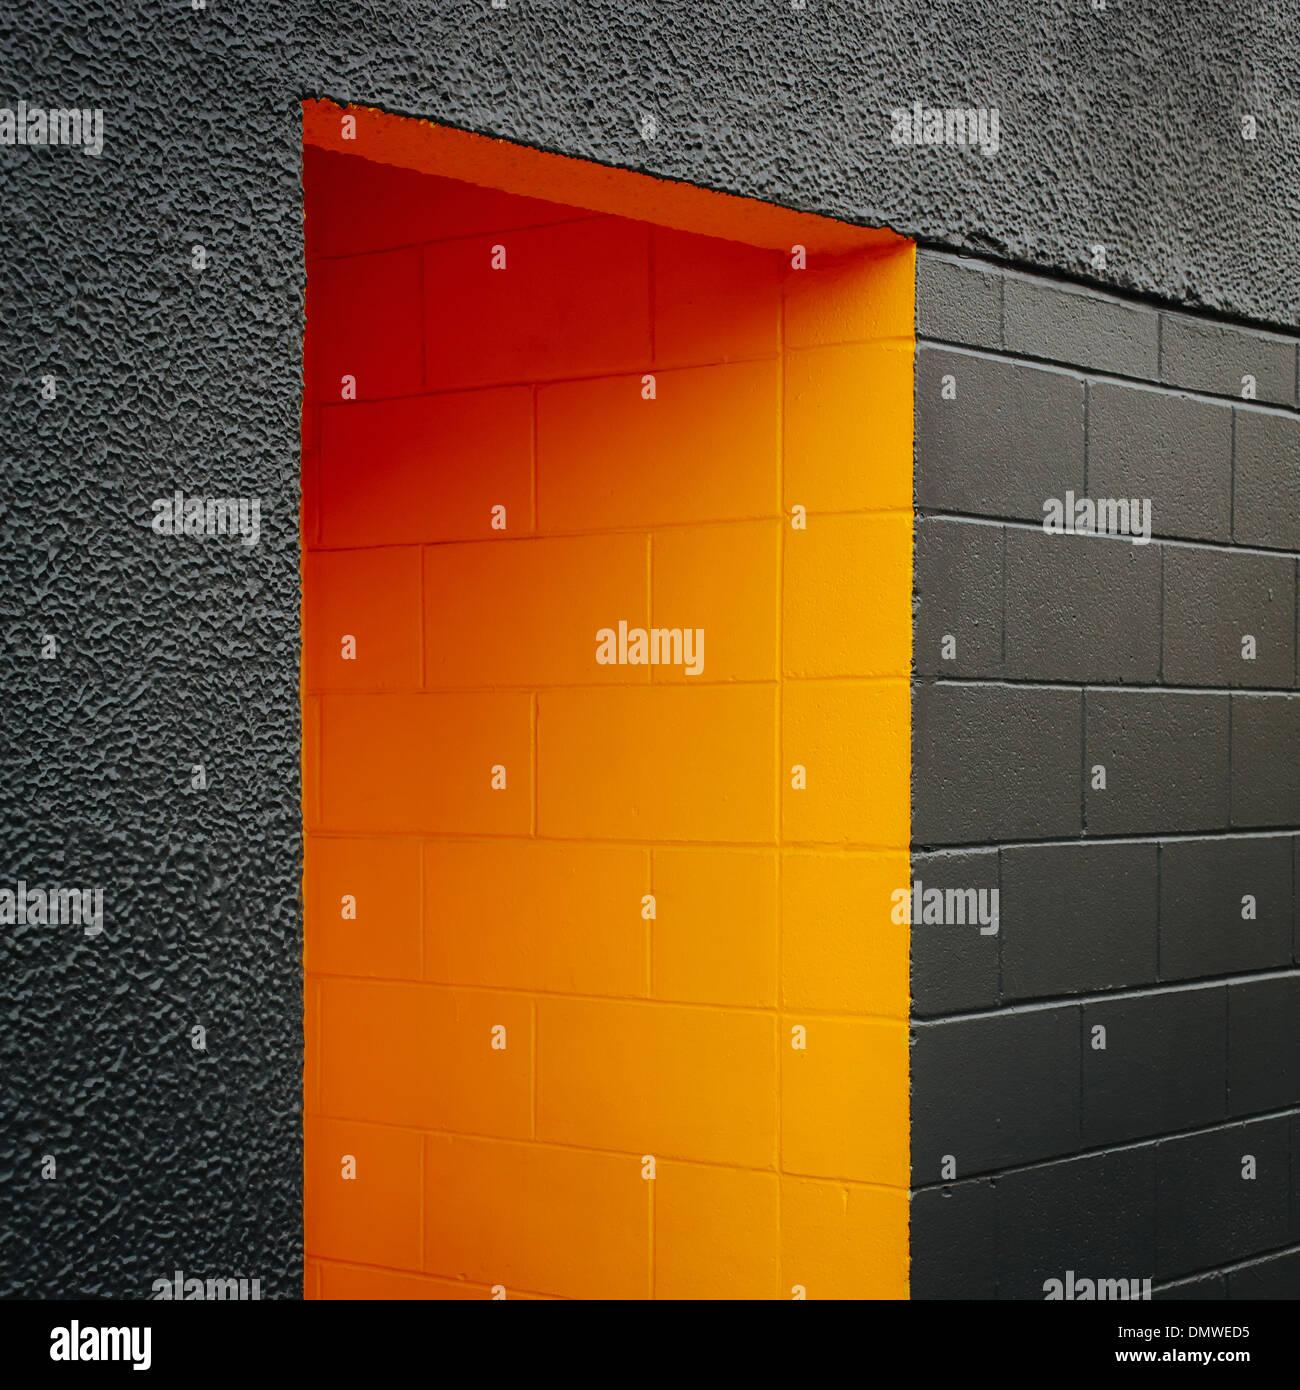 Receso de una puerta pintada de color naranja en un bloque de color gris muro de hormigón. Imagen De Stock